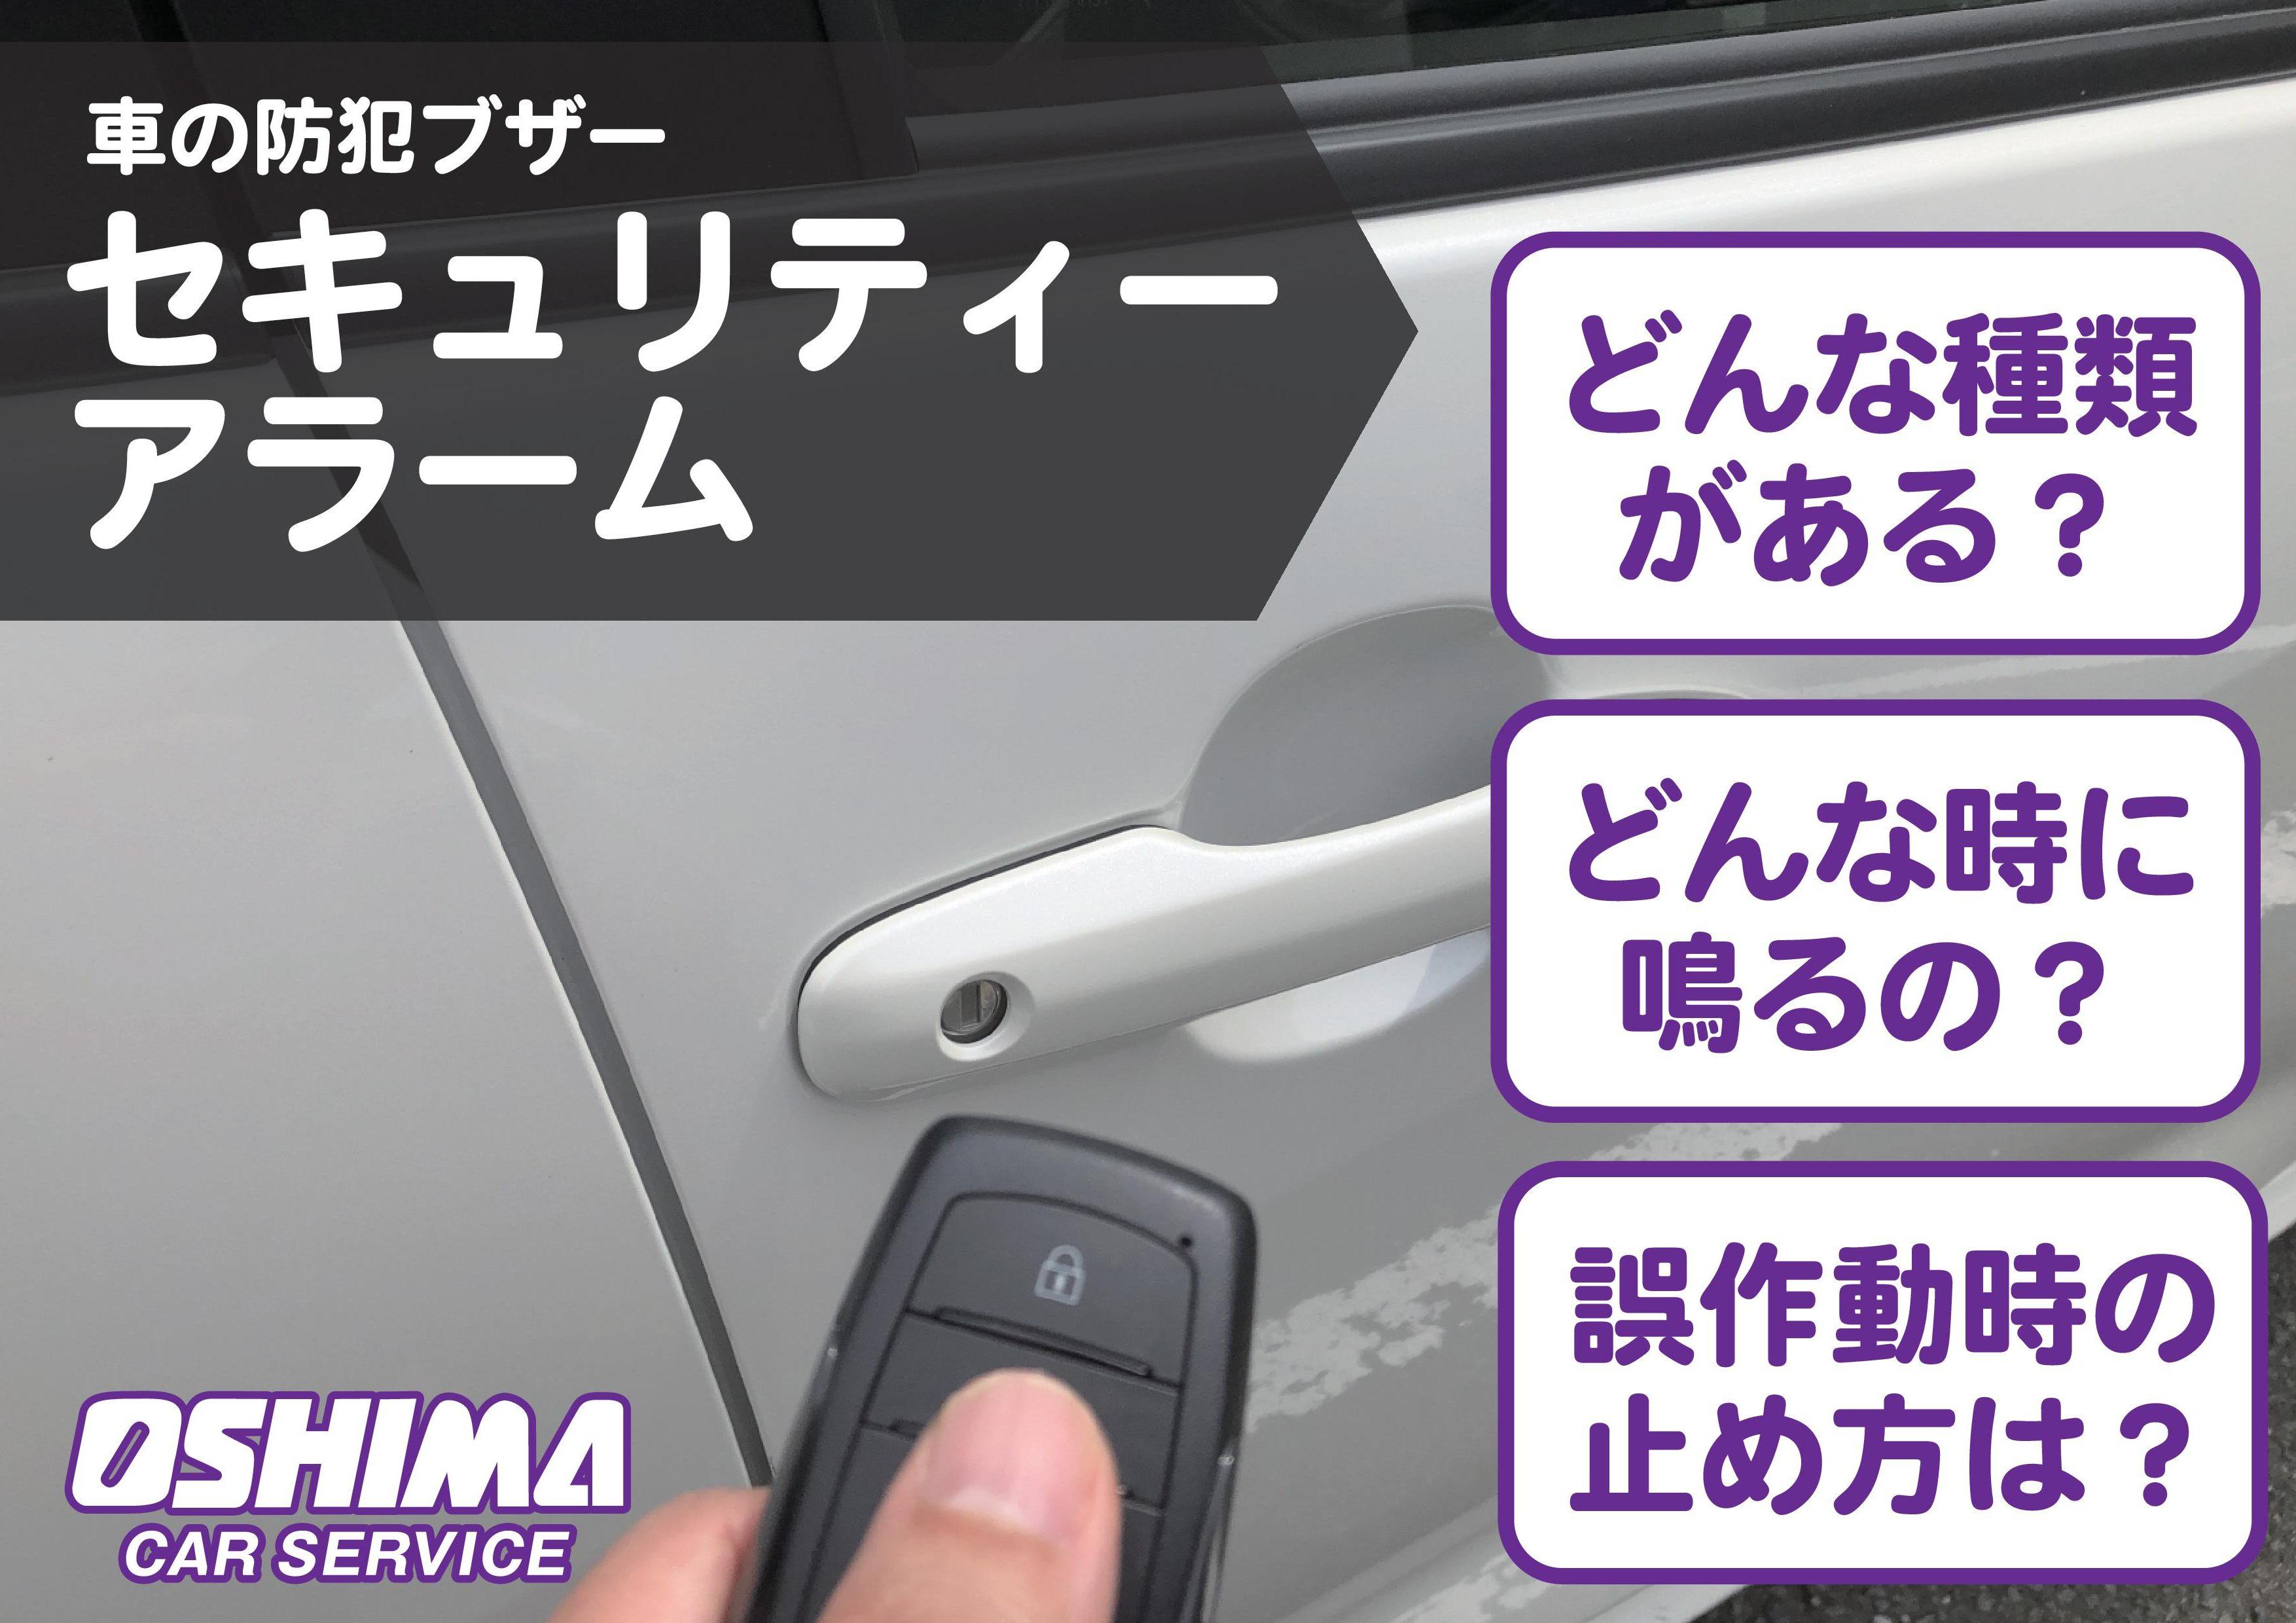 車のセキュリティーアラームの止め方、防犯ブザーが鳴る原因|大嶋カーサービス福知山店